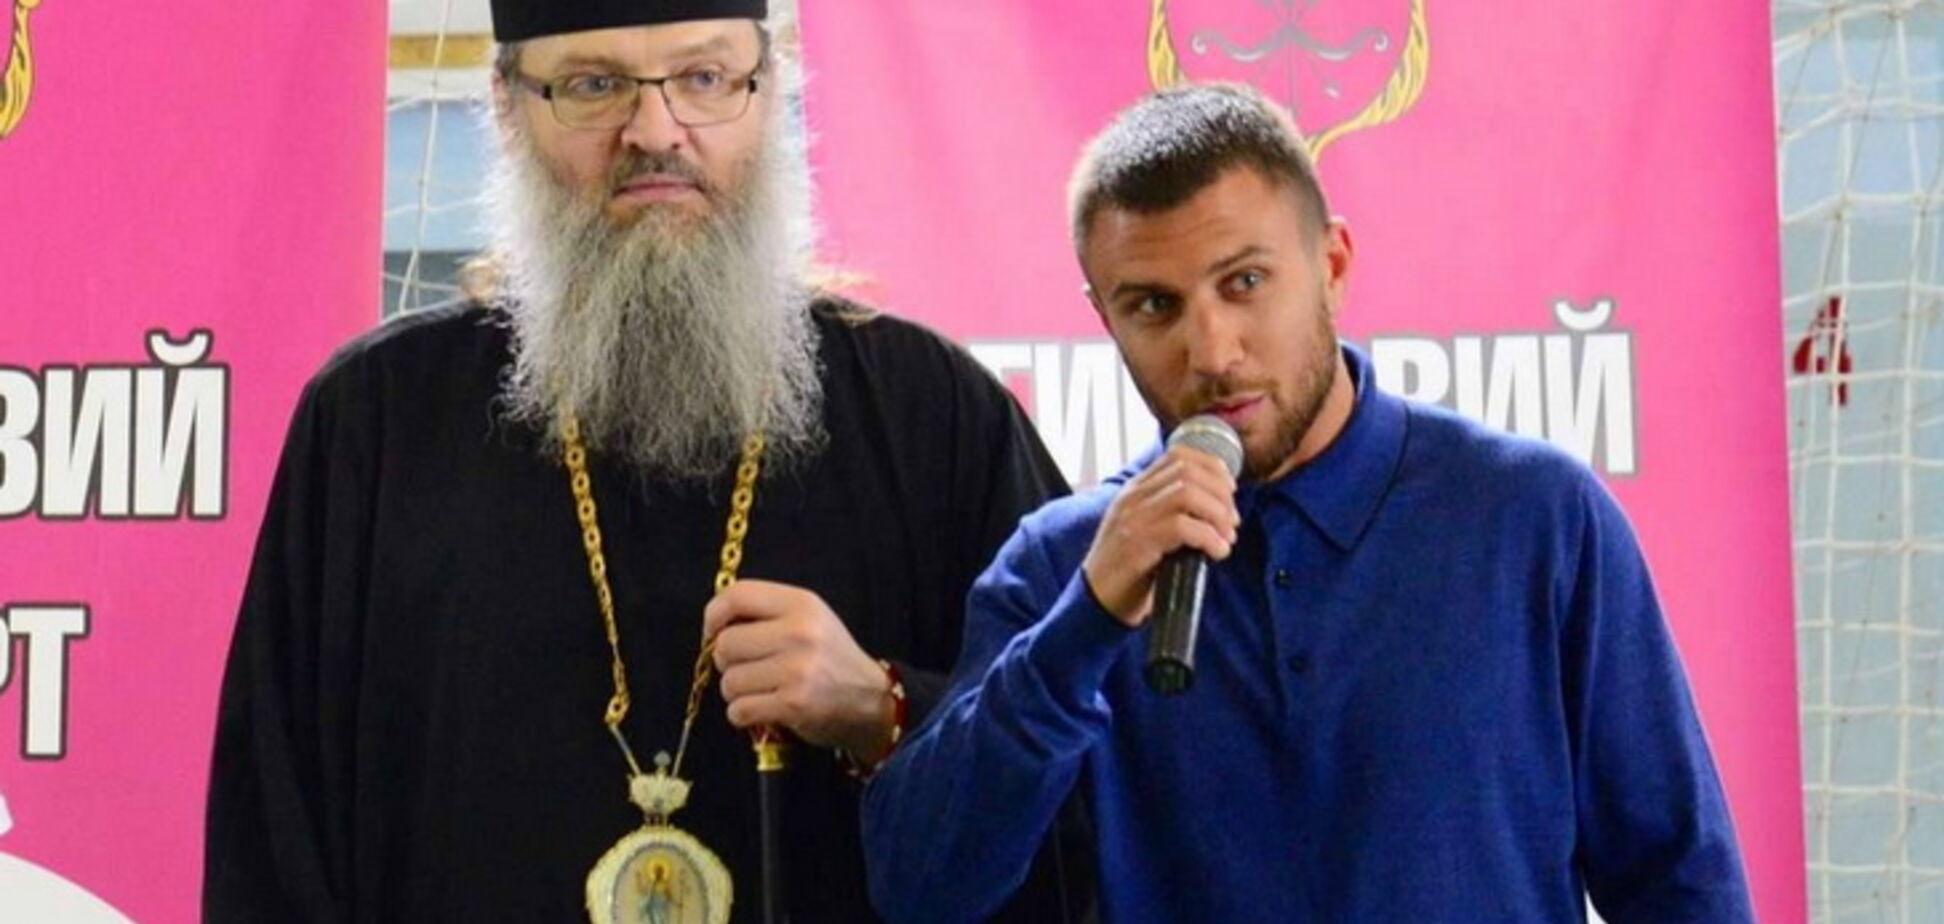 Ломаченко викликав нові суперечки, підтримавши УПЦ МП: у мережі заговорили про вербування